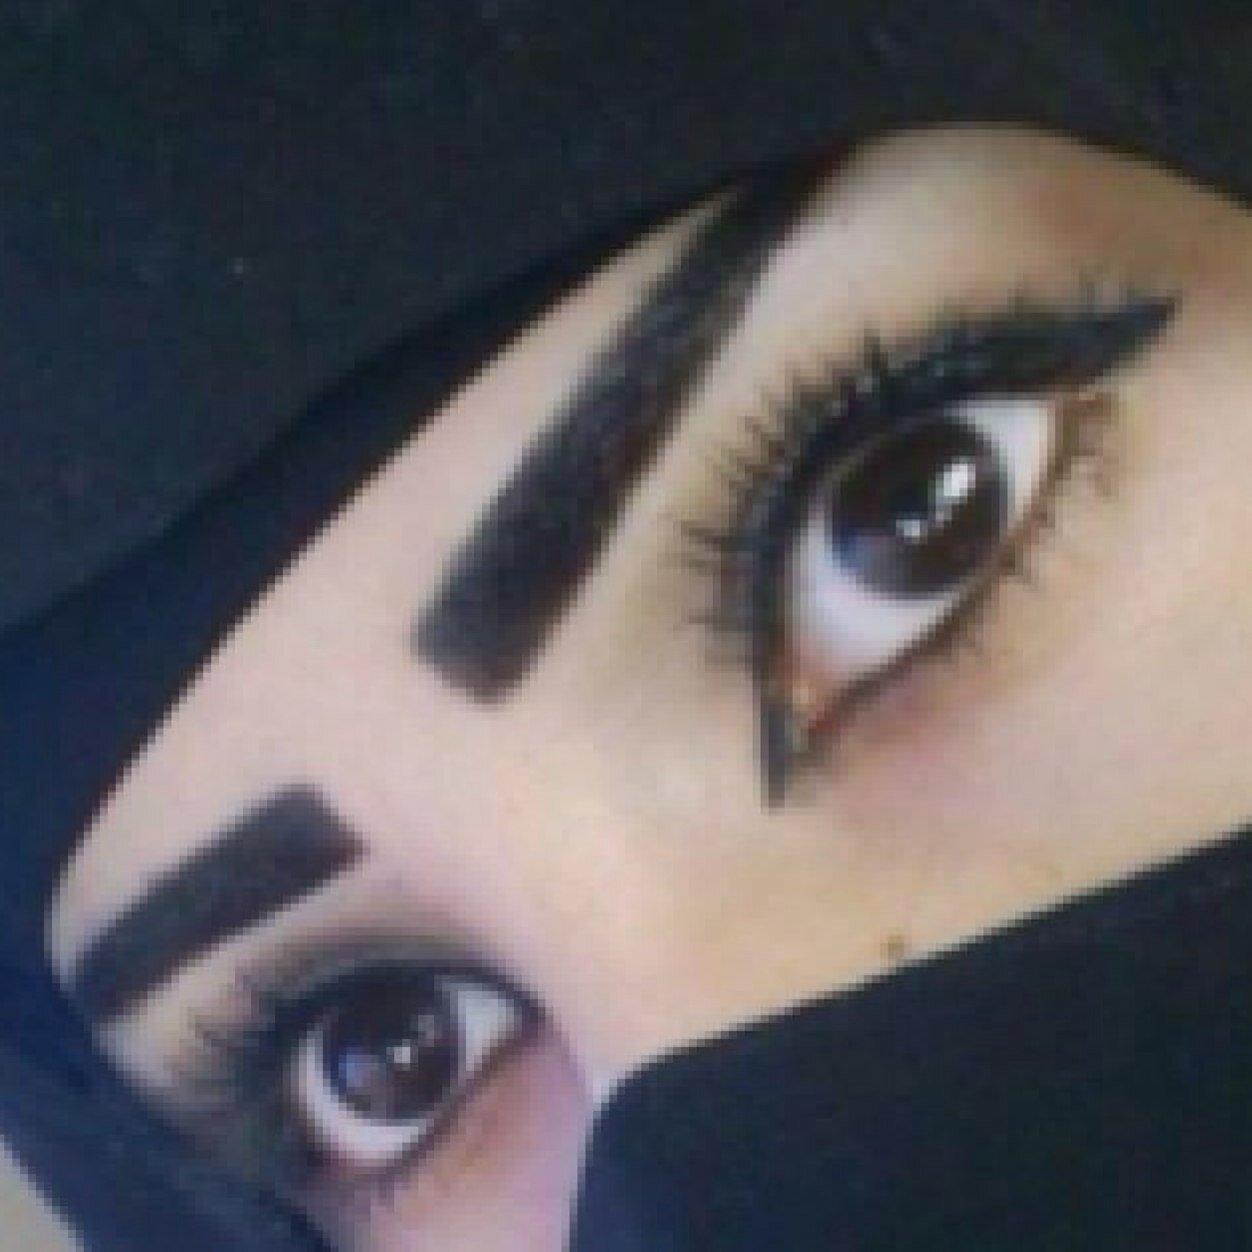 صور صور بنات براقع , شاهد اجمل عيون بنات بالبراقع